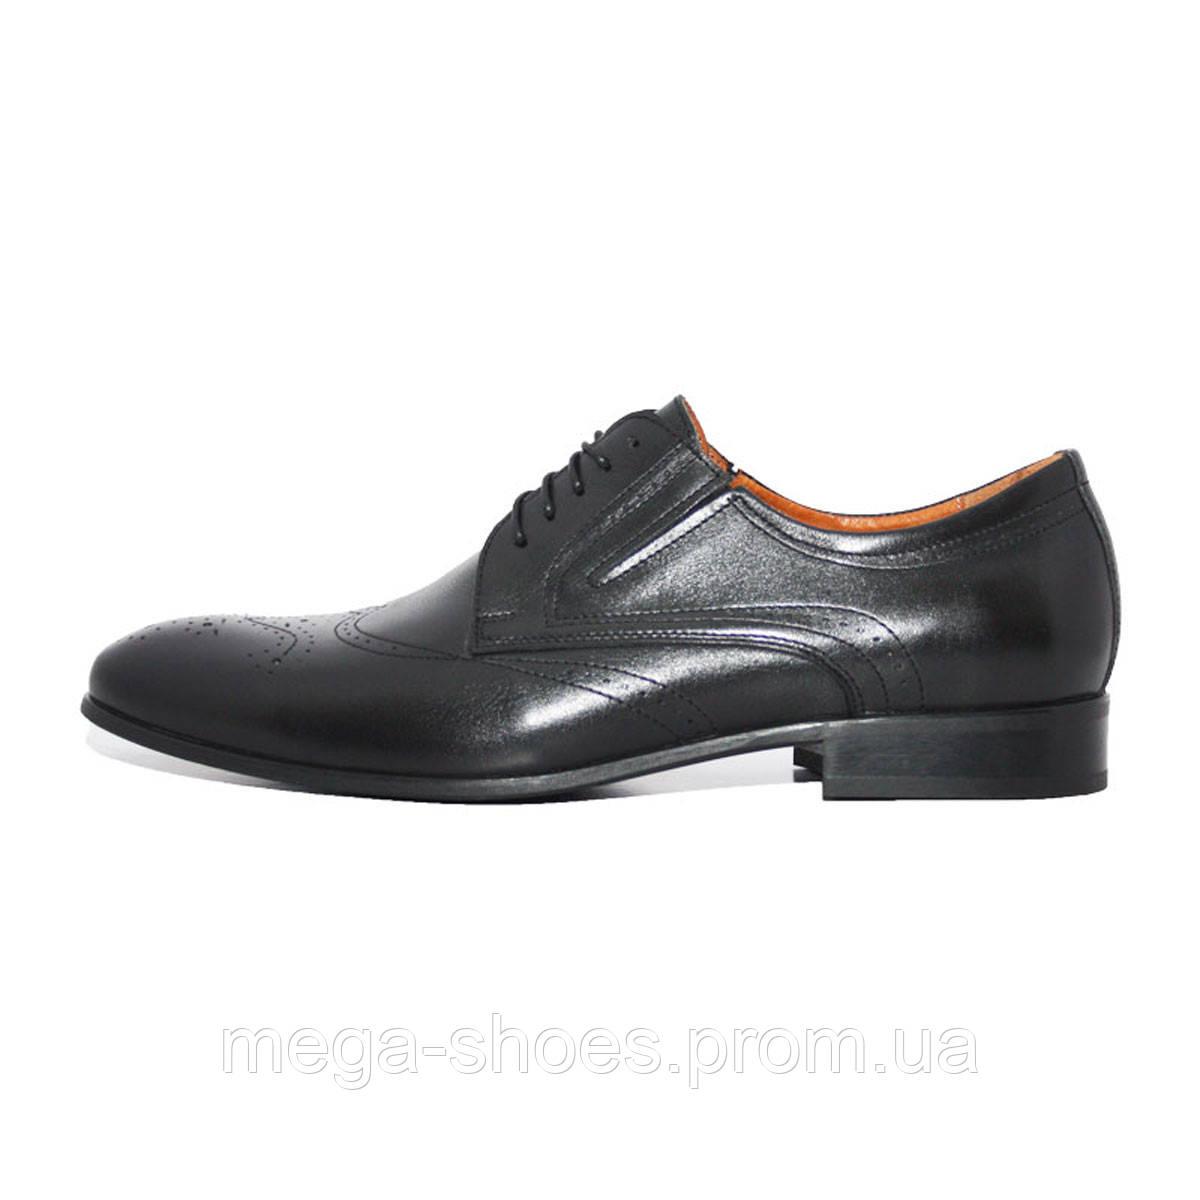 Как сделать ремешок на туфли чтобы не спадали